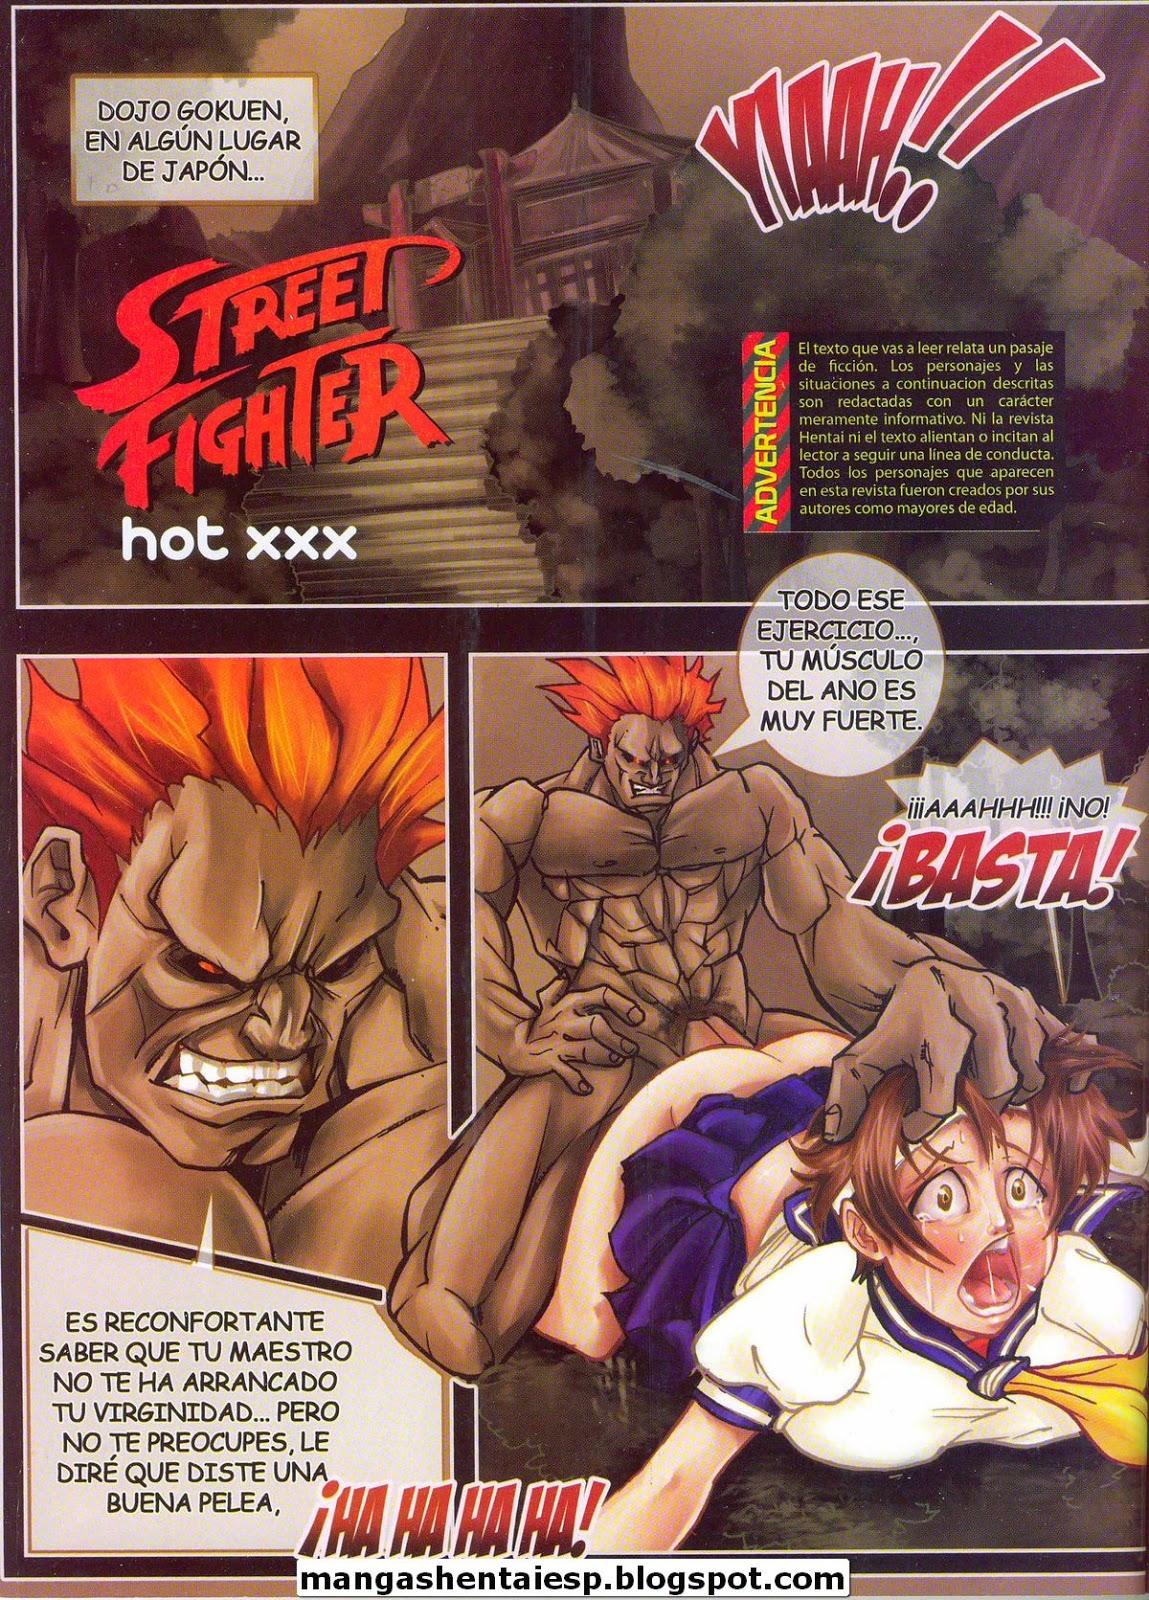 Vdeos porno Street Fighter Xxx Pornhubcom